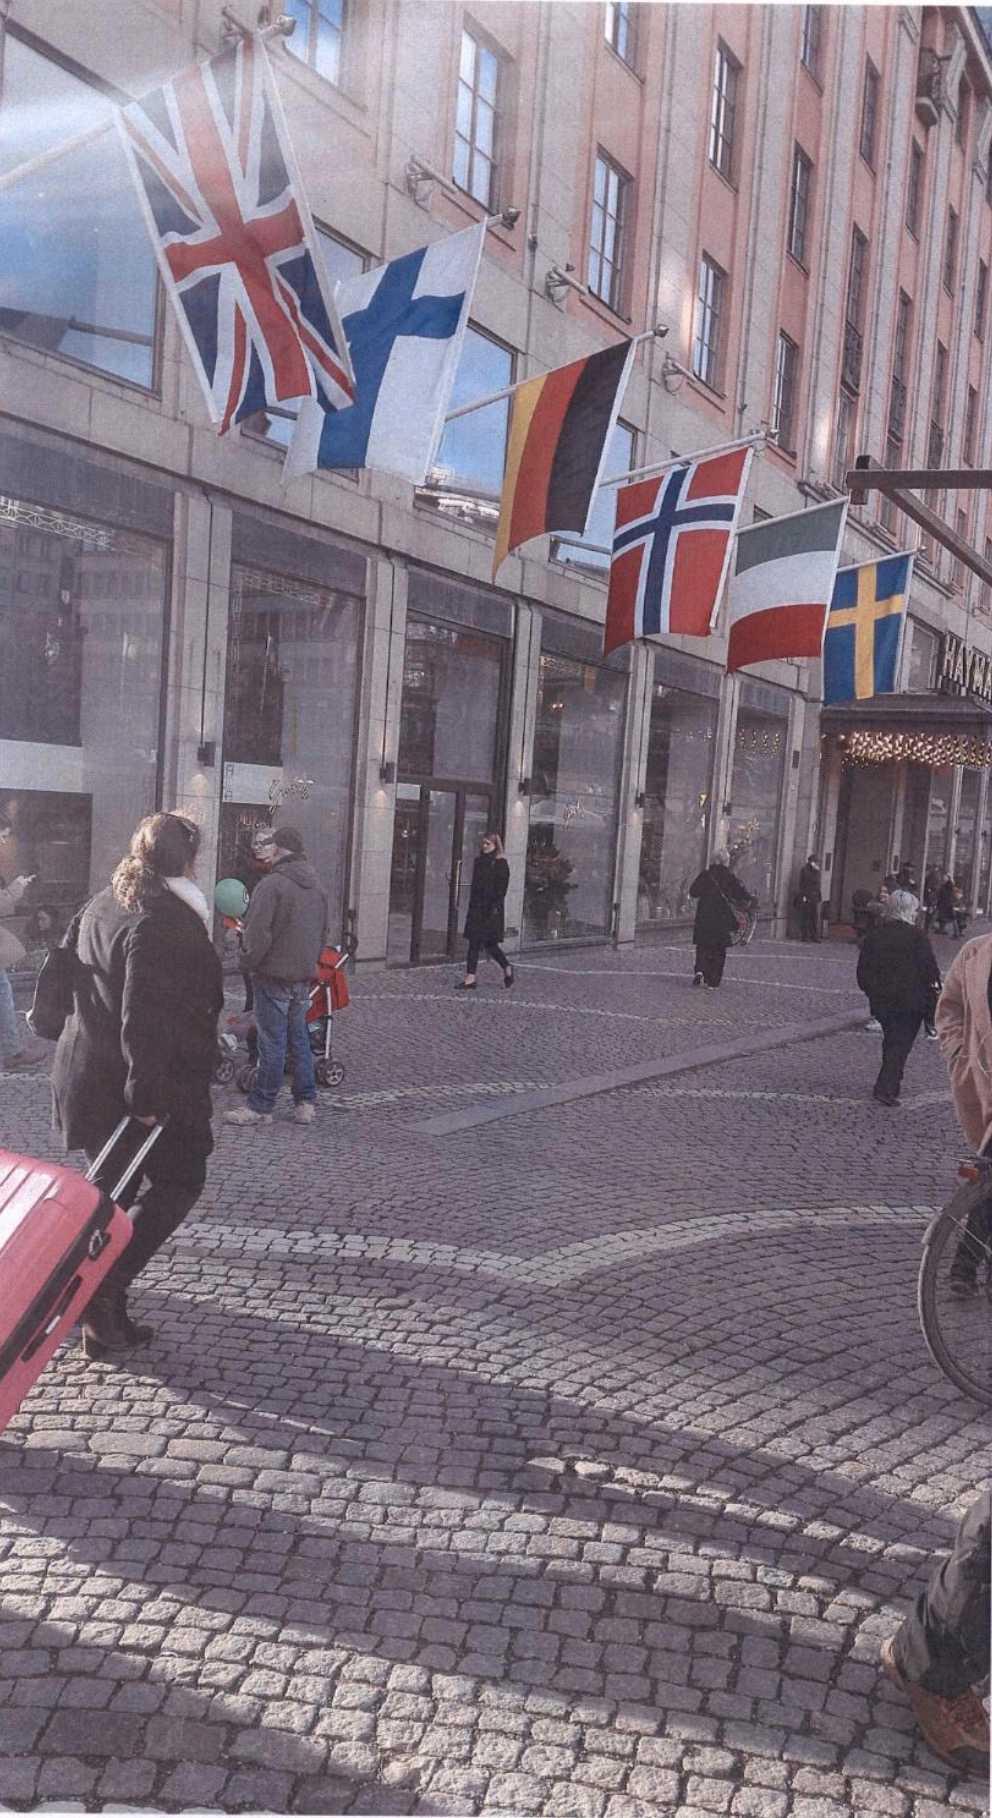 Akilovs bild från Hötorget, Stockholm.